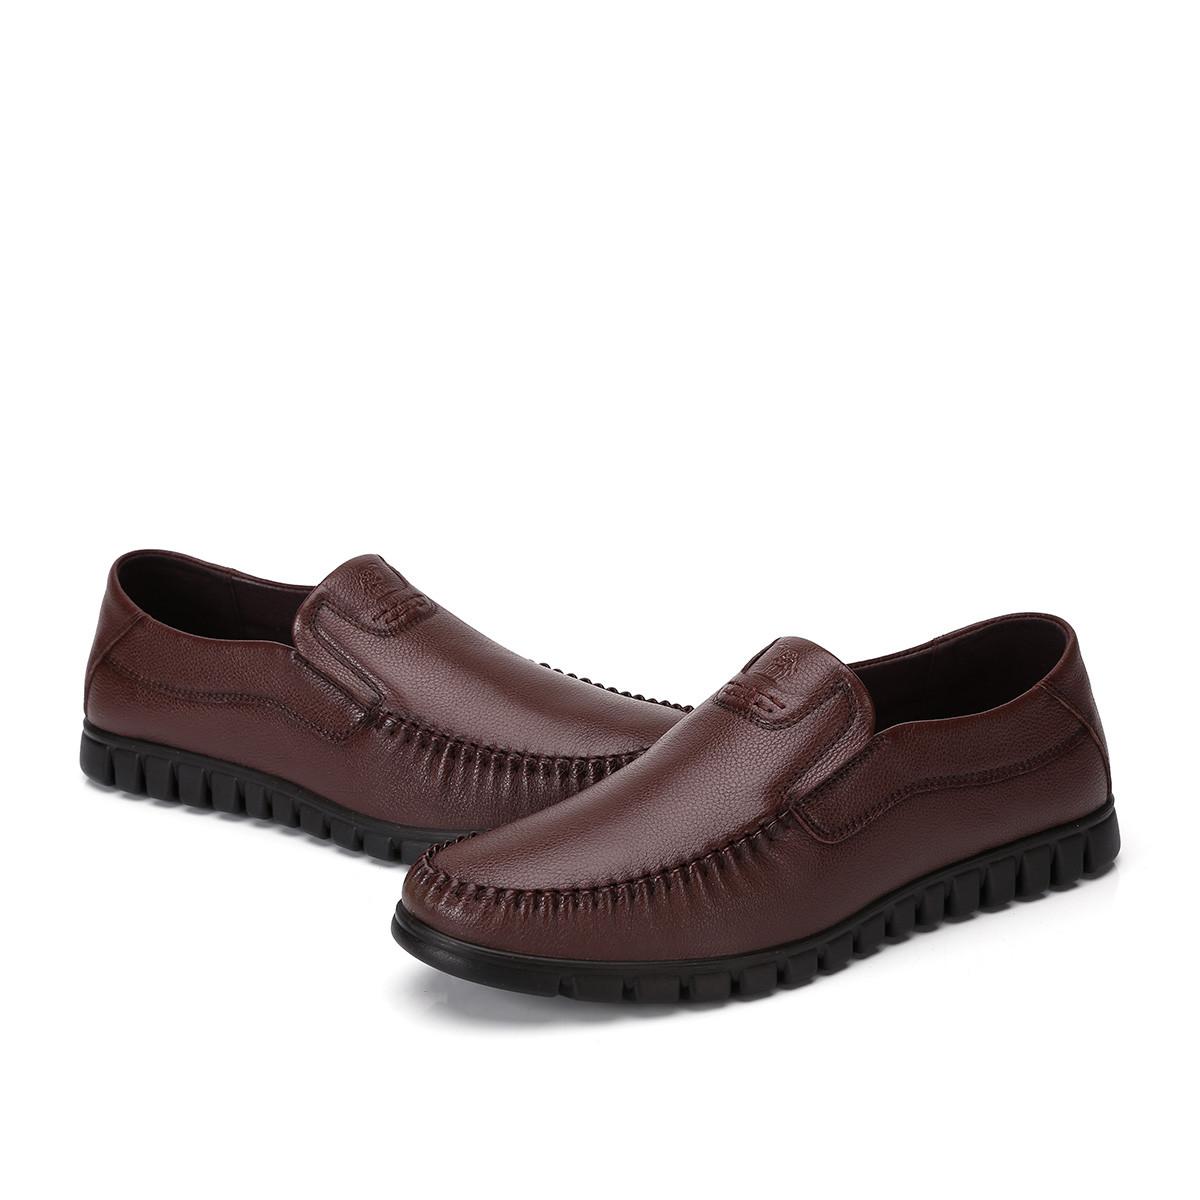 骆驼皮鞋男 商务休闲鞋生活鞋舒适套脚柔软耐折休闲皮鞋90325470832940ZO